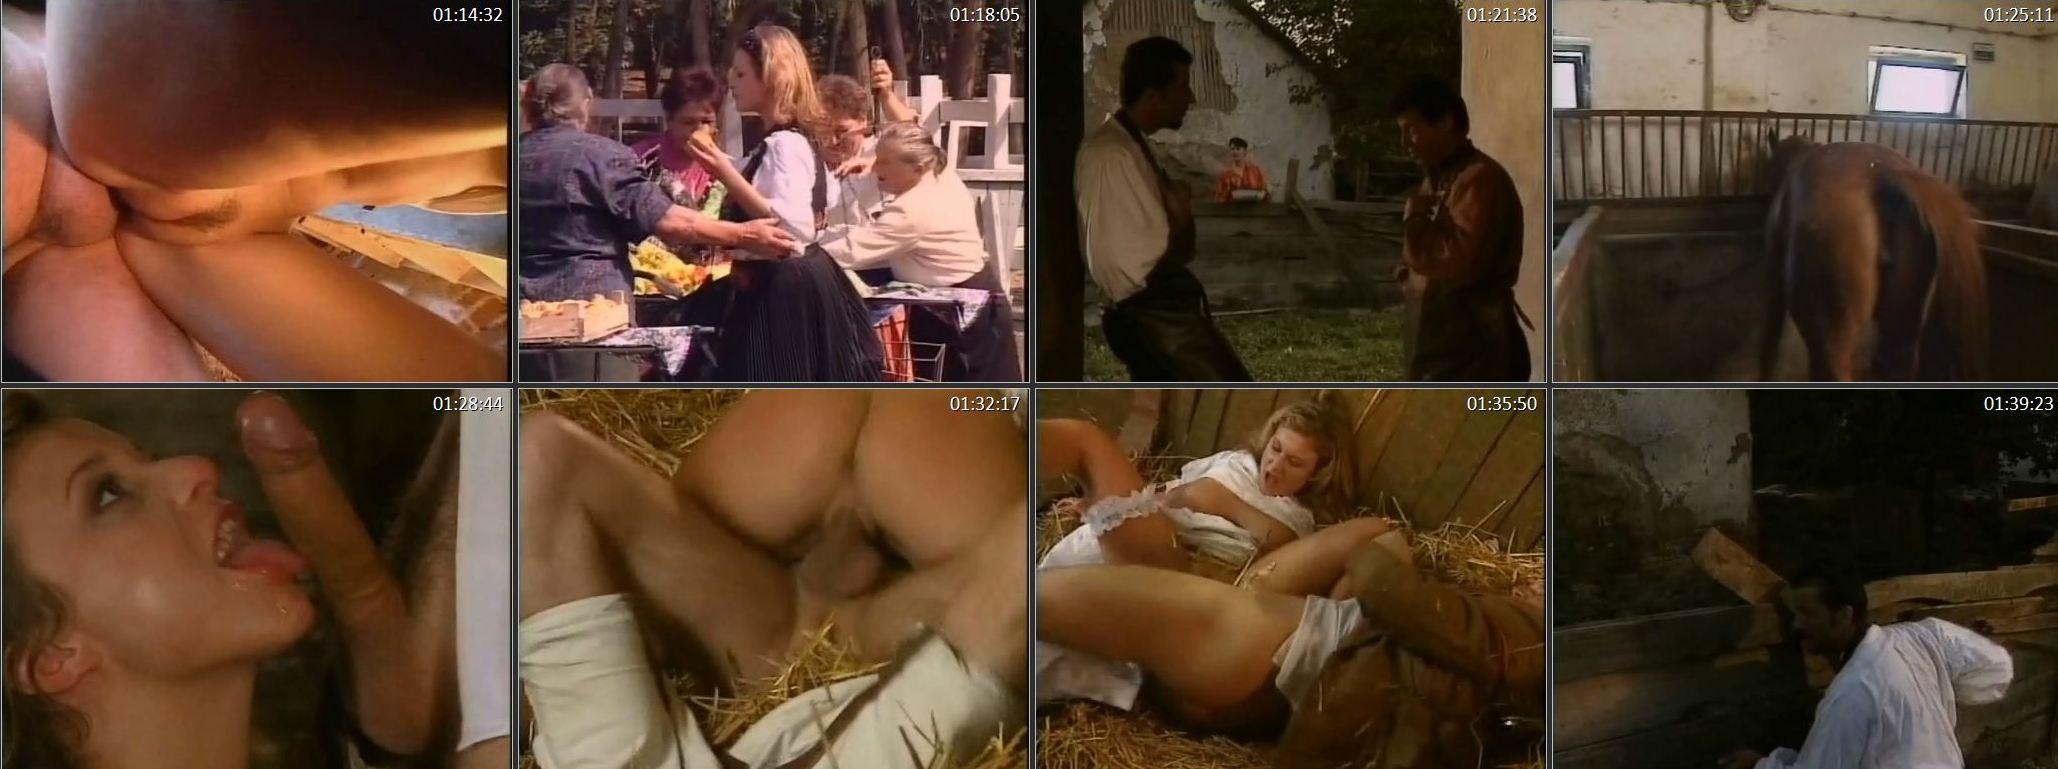 Прсмотр порно прямо на сайте онлайн 1канал пусть говорят